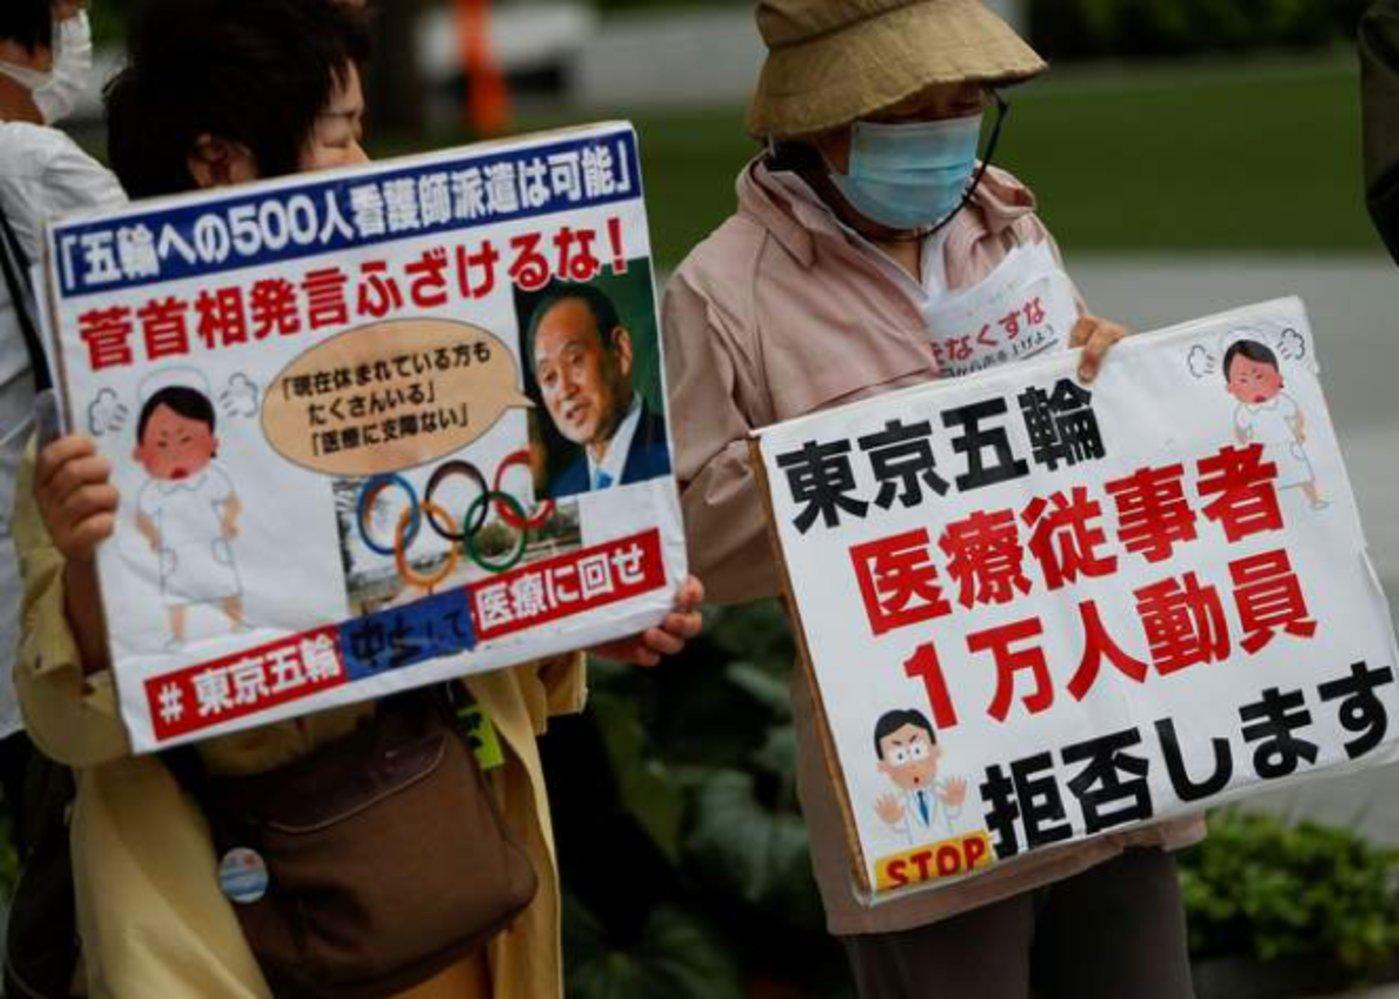 5月18日,东京奥委会大楼外,日本民众举起标语抗议举办奥运会